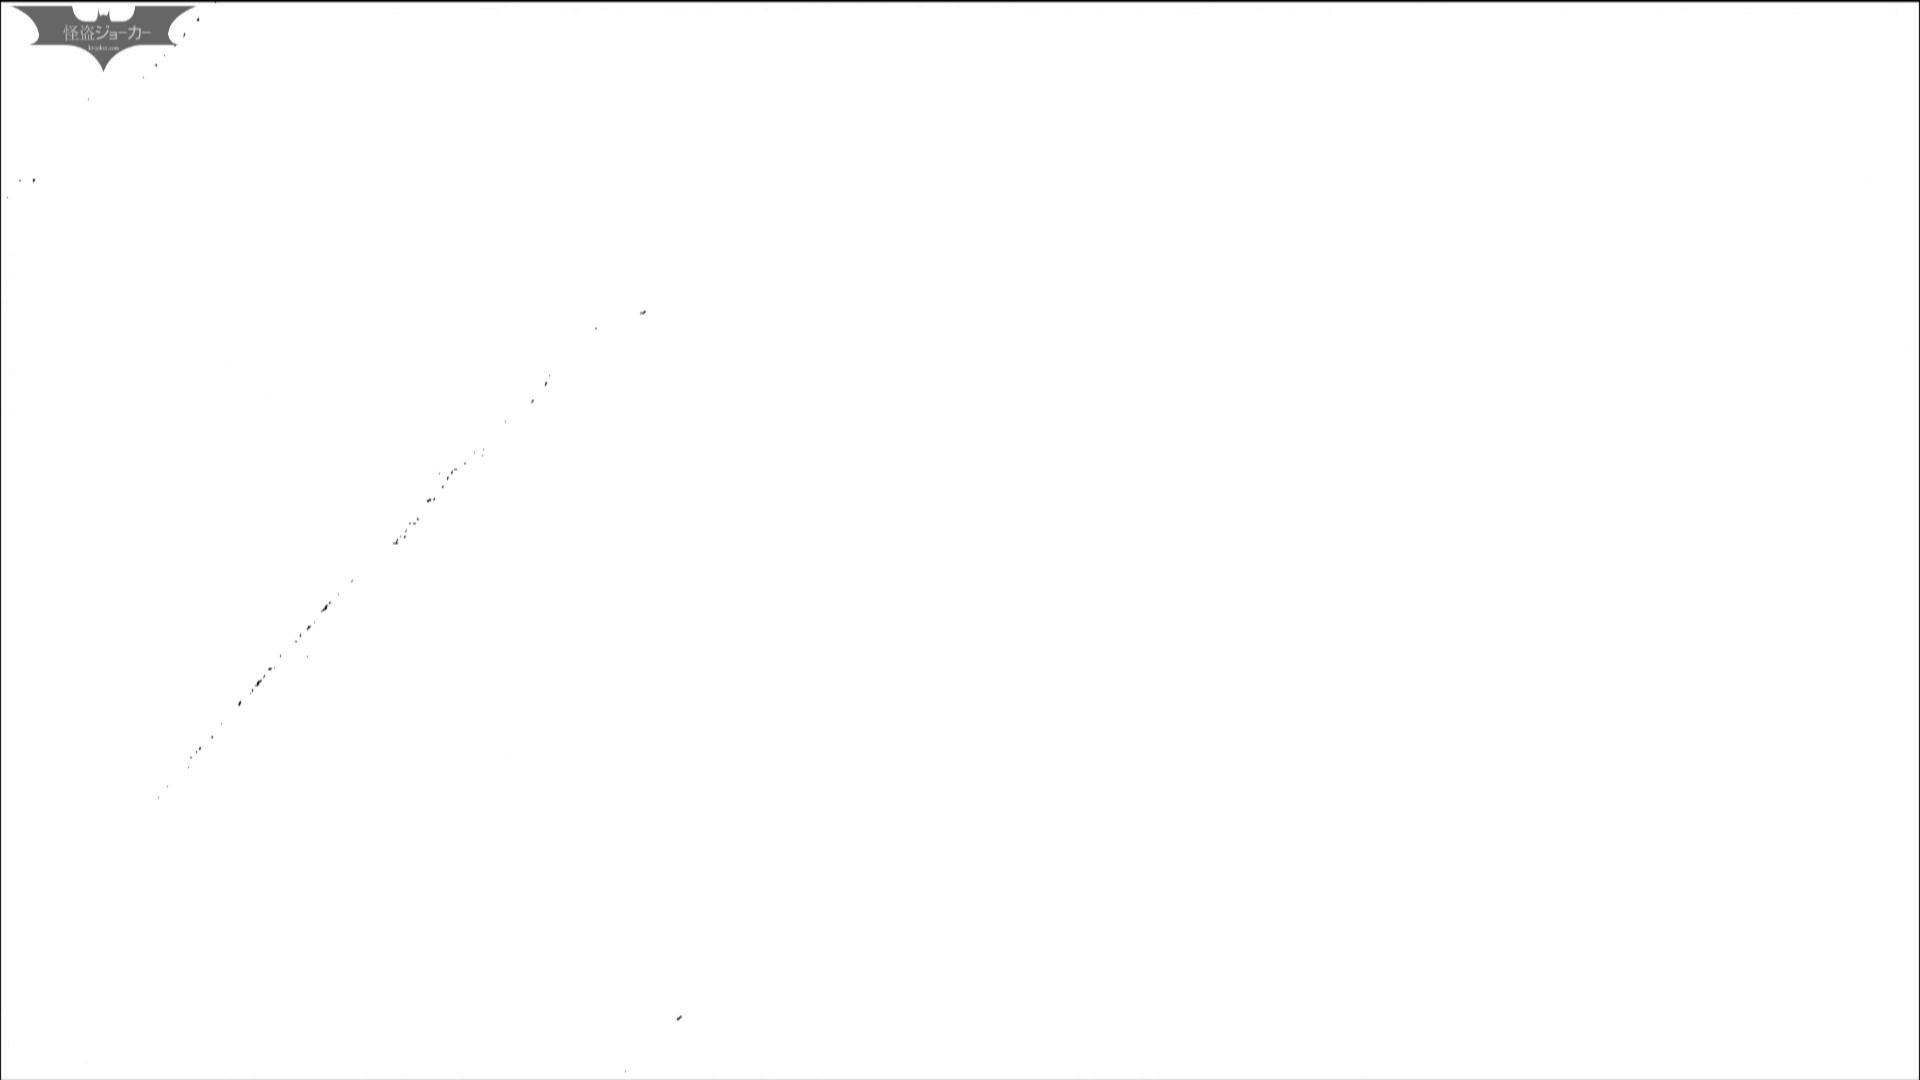 エッチ 熟女|洗面所特攻隊 vol.72 番外編 「最後の女性」の特集 番外編|怪盗ジョーカー